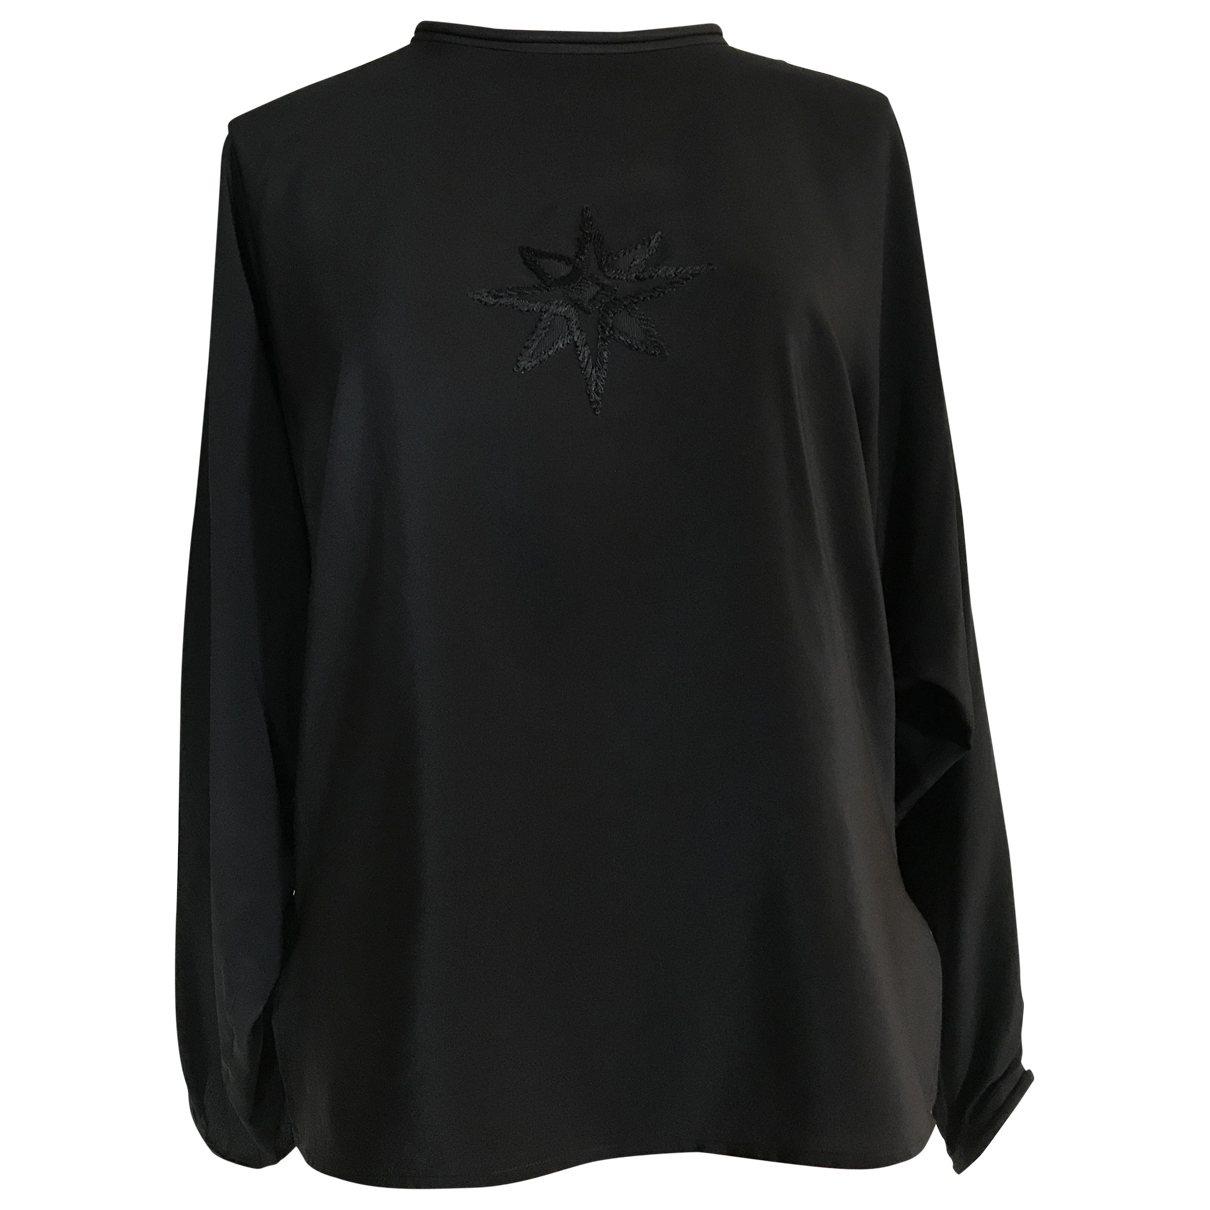 Gianni Versace - Top   pour femme en soie - noir